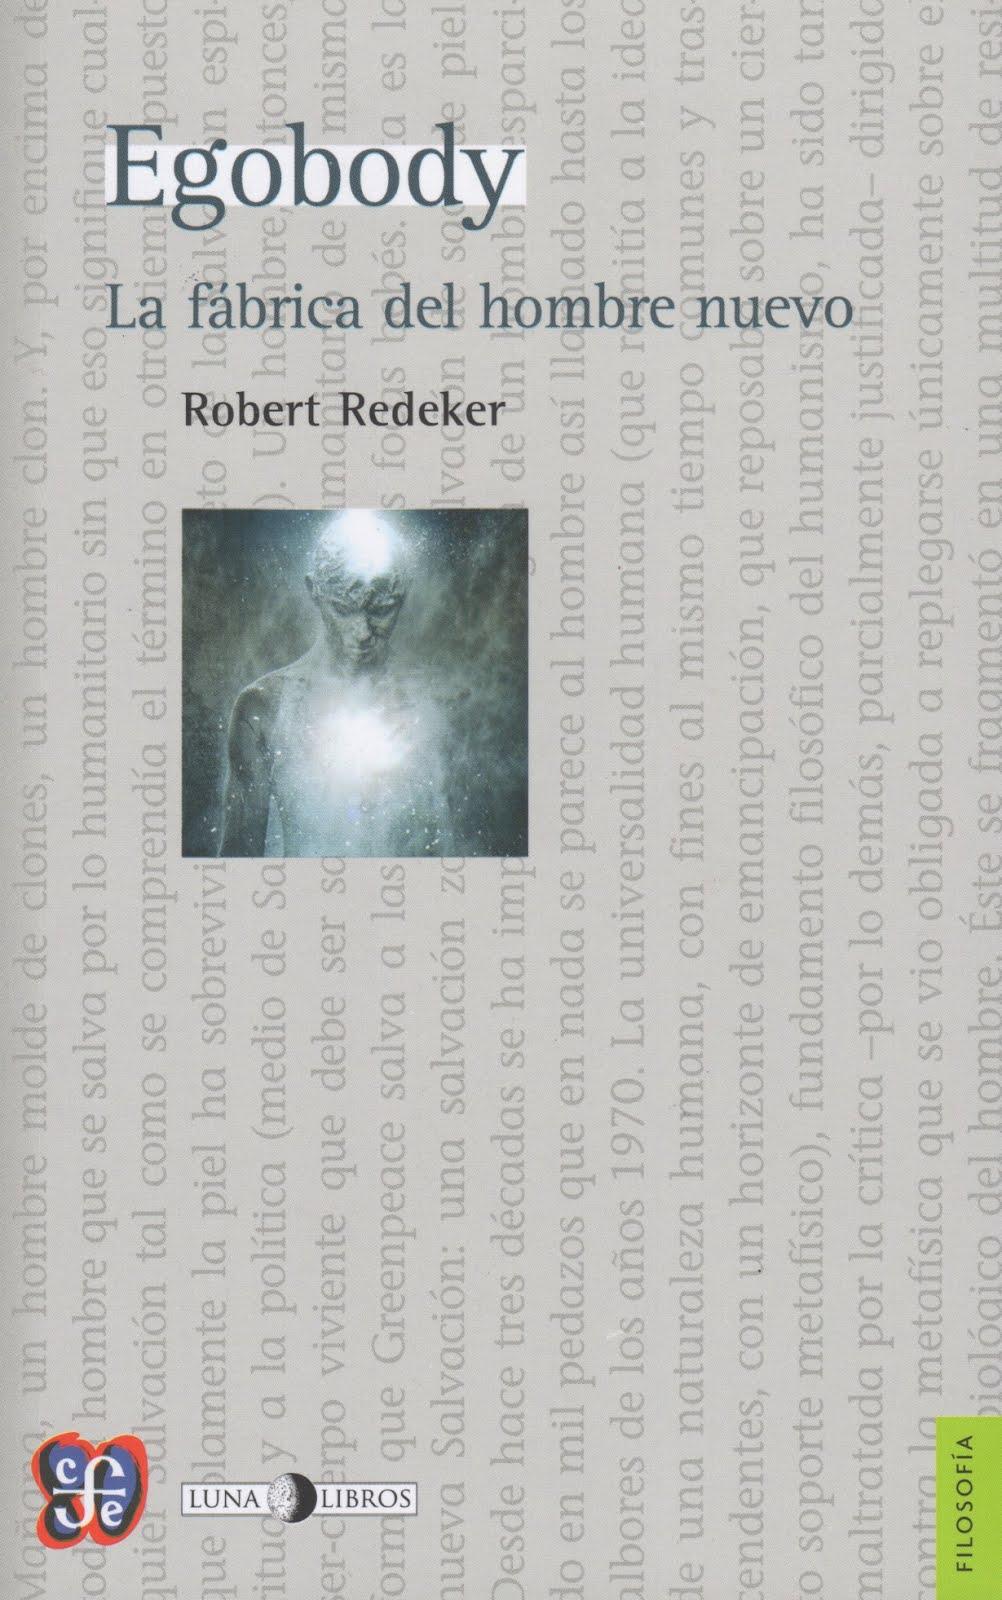 Robert Redeker (La fábrica del hombre nuevo)